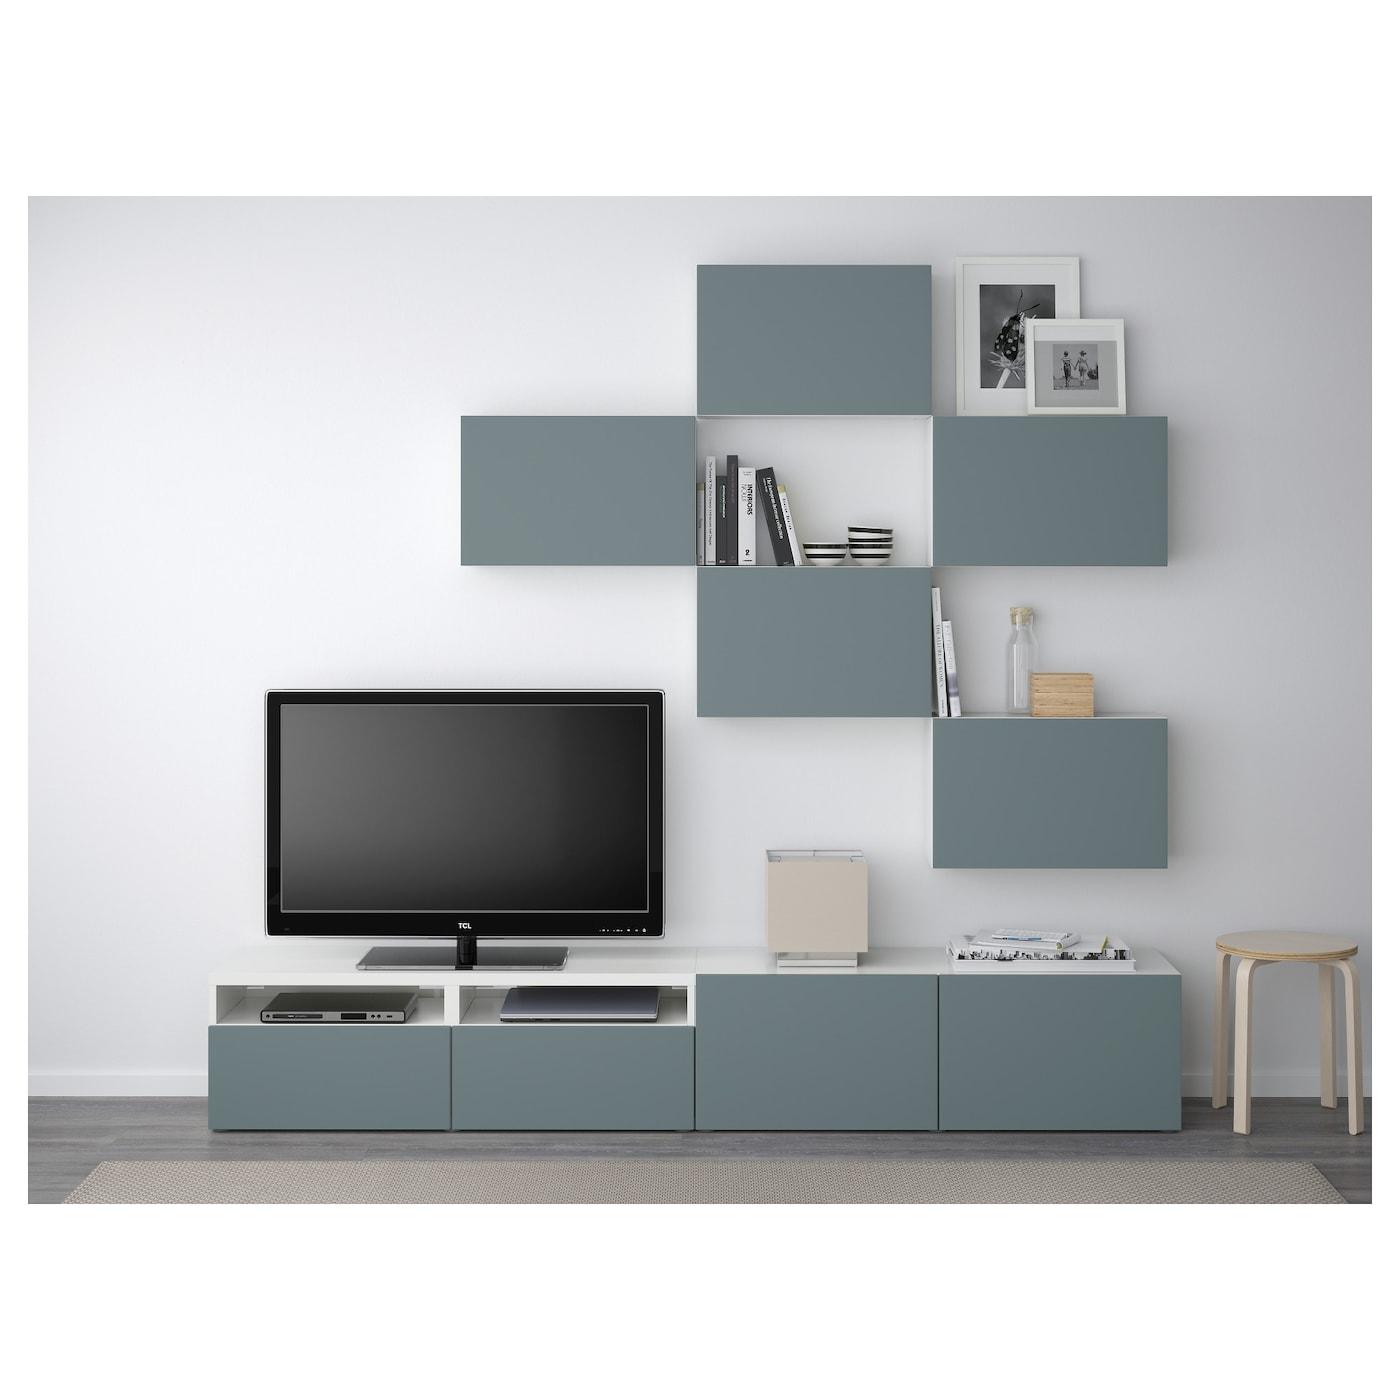 Best Combinaison Meuble Tv Blanc Valviken Gris Turquoise 240×20  # Meuble Tv Gris Et Blanc